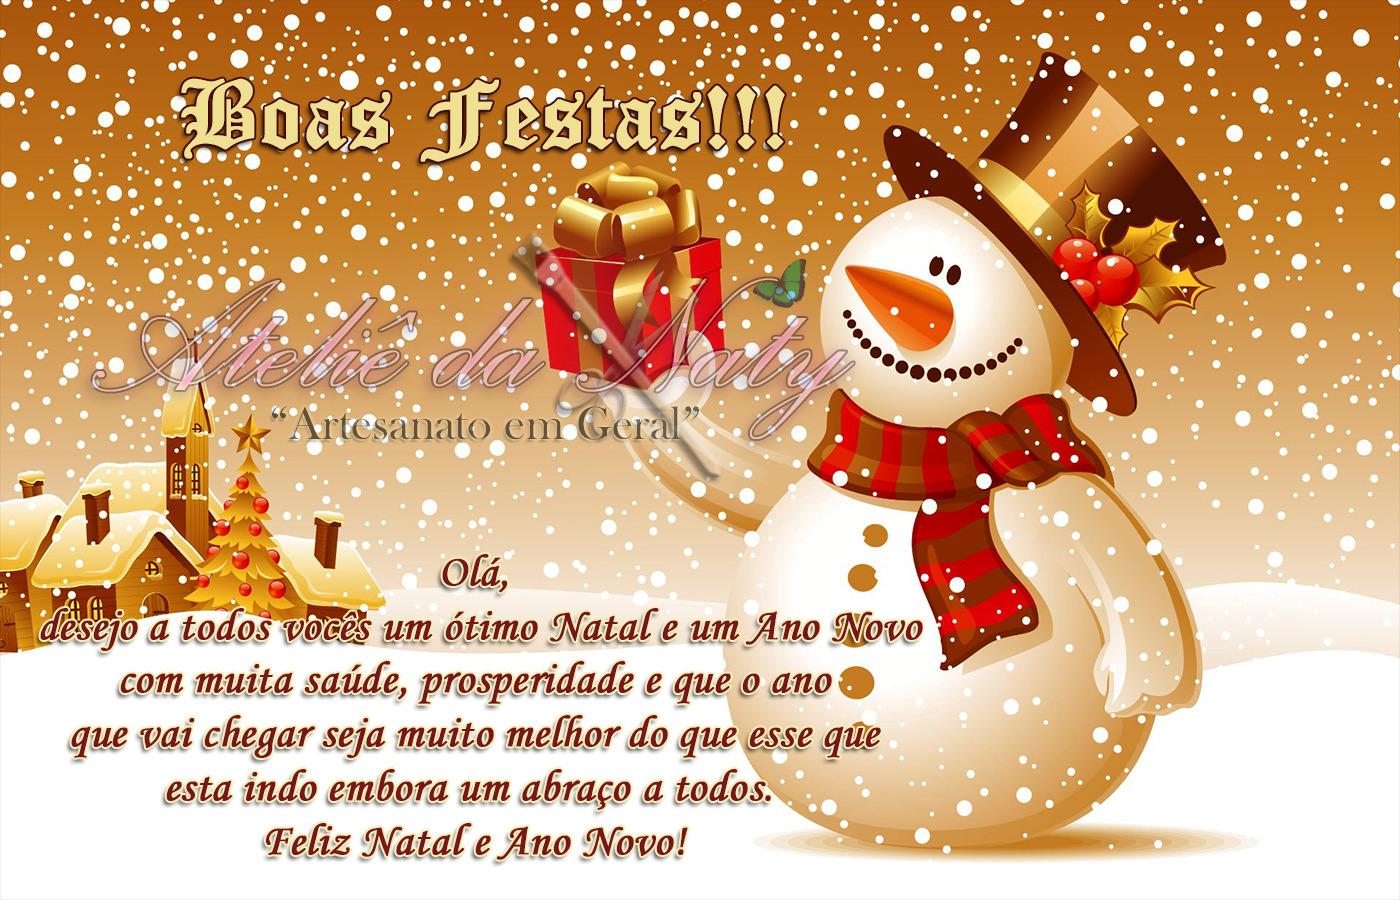 carto de natal e ano novo no elo7 ateli da naty 3886e8